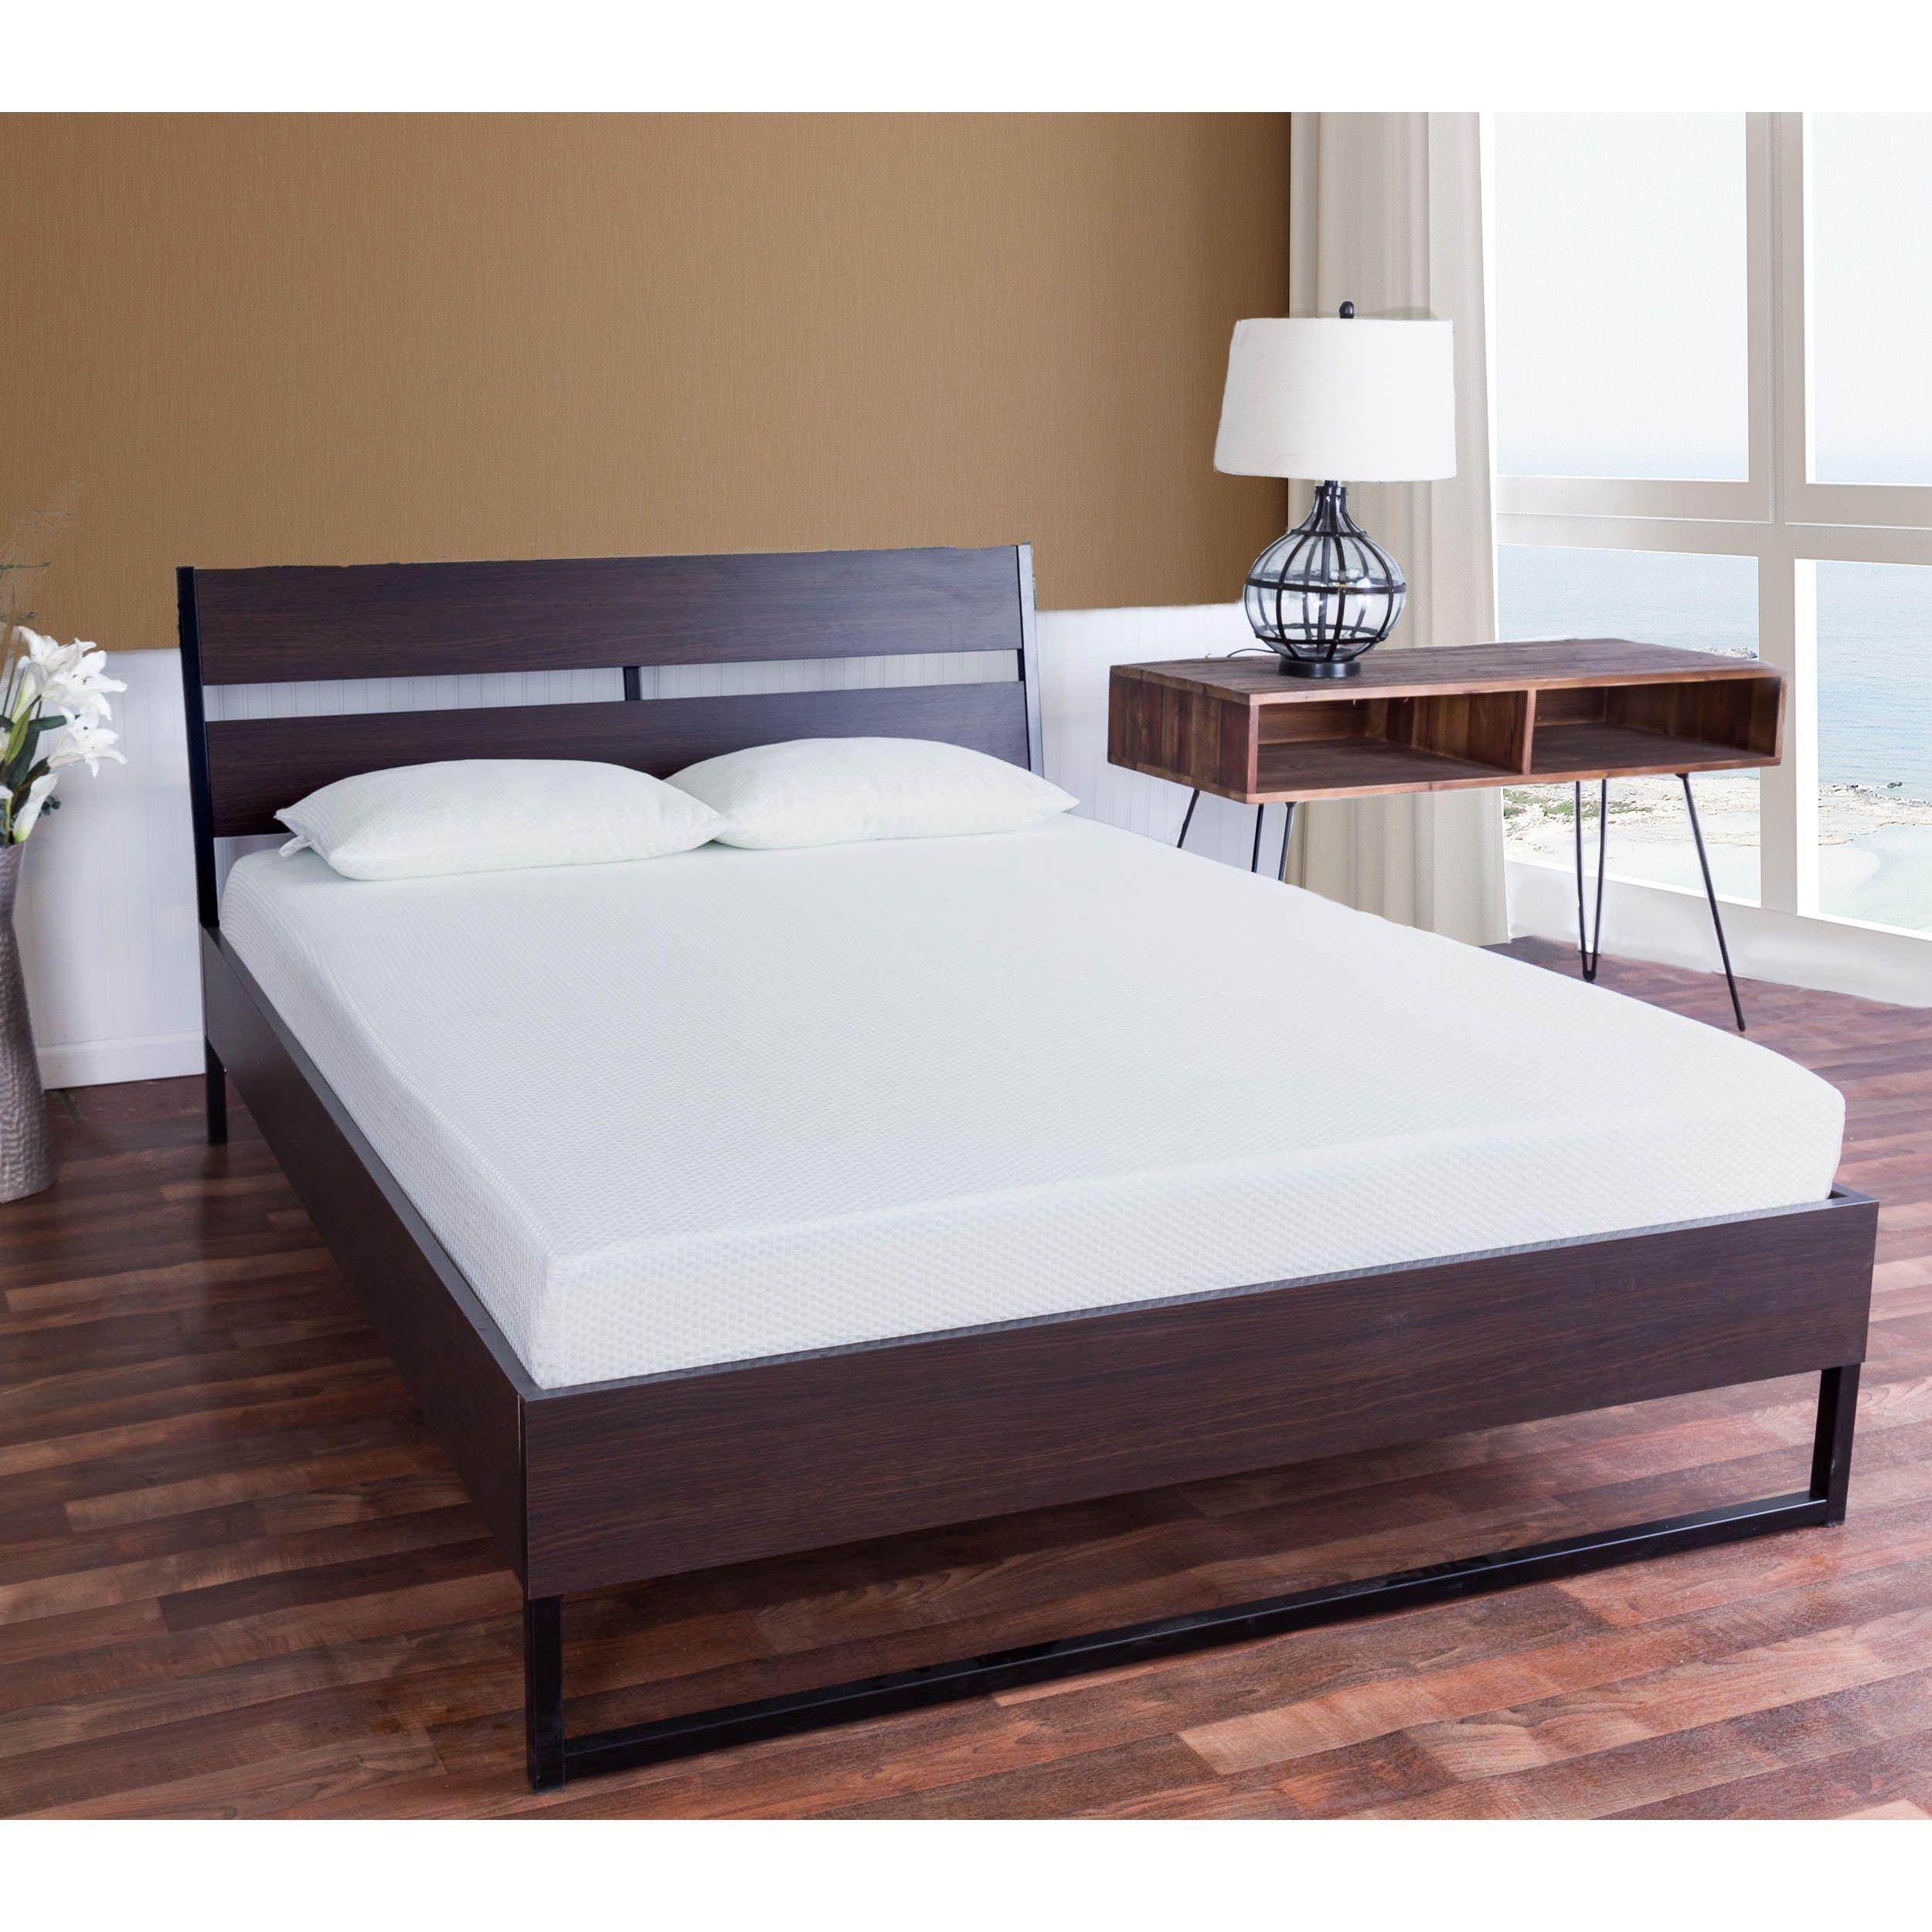 Icon Sleep By Somette 10 Inch Twin Size Gel Memory Foam Mattress With Pillow Mattress Bed Slats Memory Foam